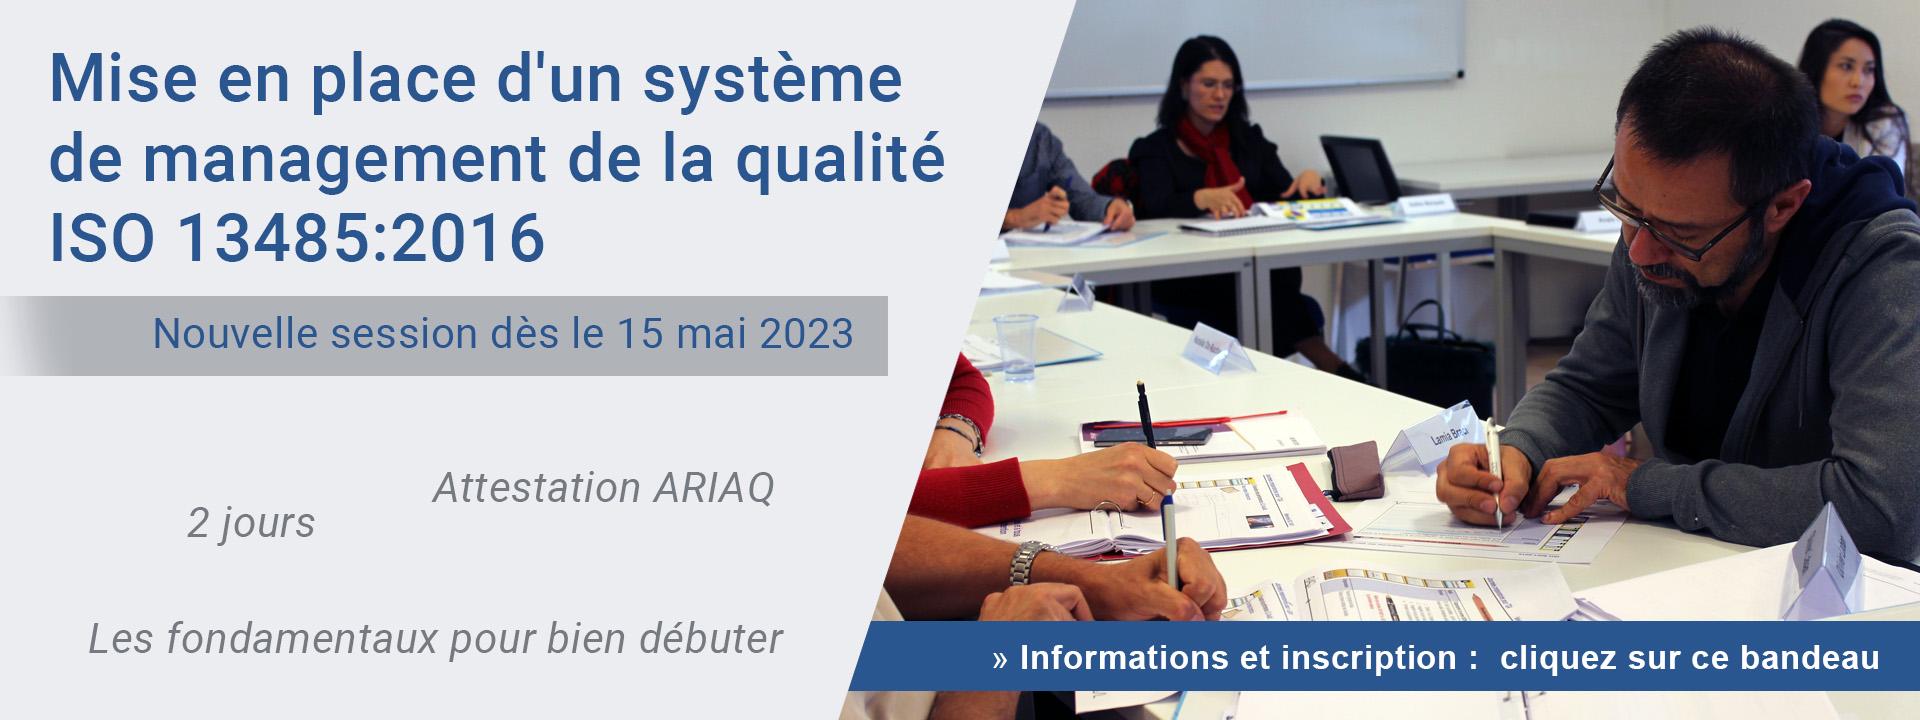 Mise en place d'un système de management de la qualité ISO 13485:2016 - Les fondamentaux pour bien débuter